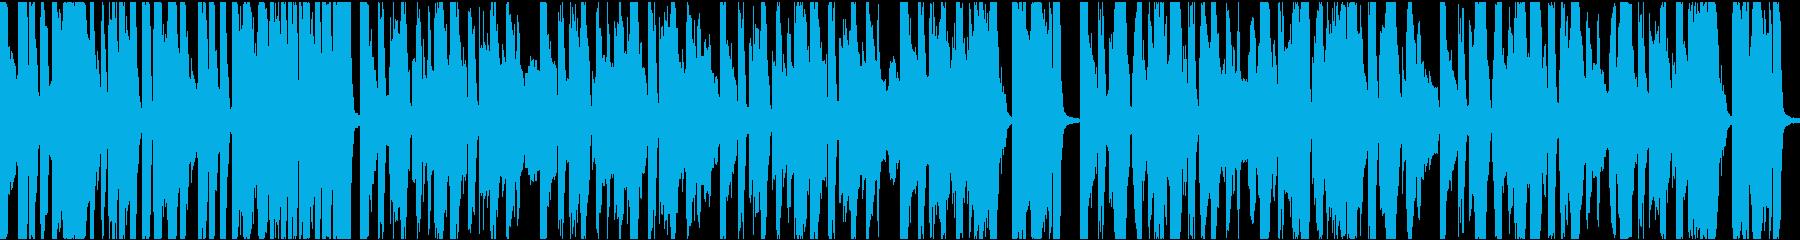 9秒でサビ、インパクトイケイケ/ループの再生済みの波形